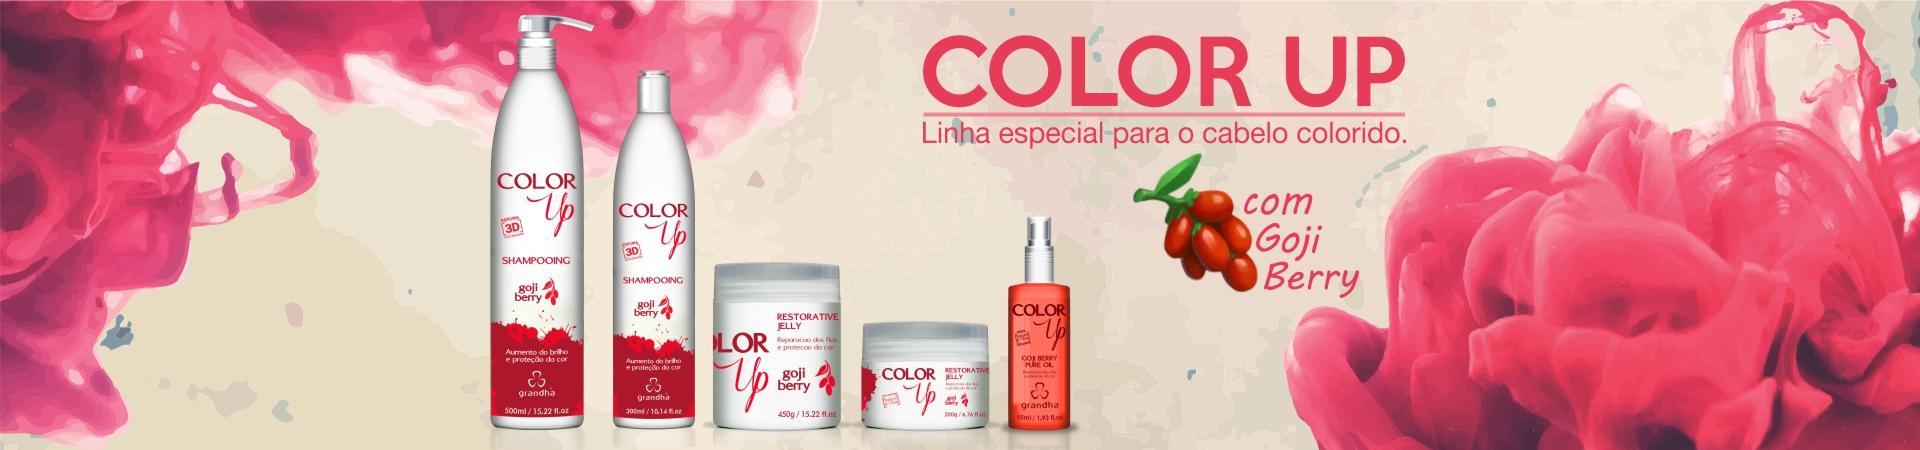 Color Up Goji Berry, lançamento da Grandha para manutenção da cor no cabelo colorido, com todos os benefícios do goji berry.